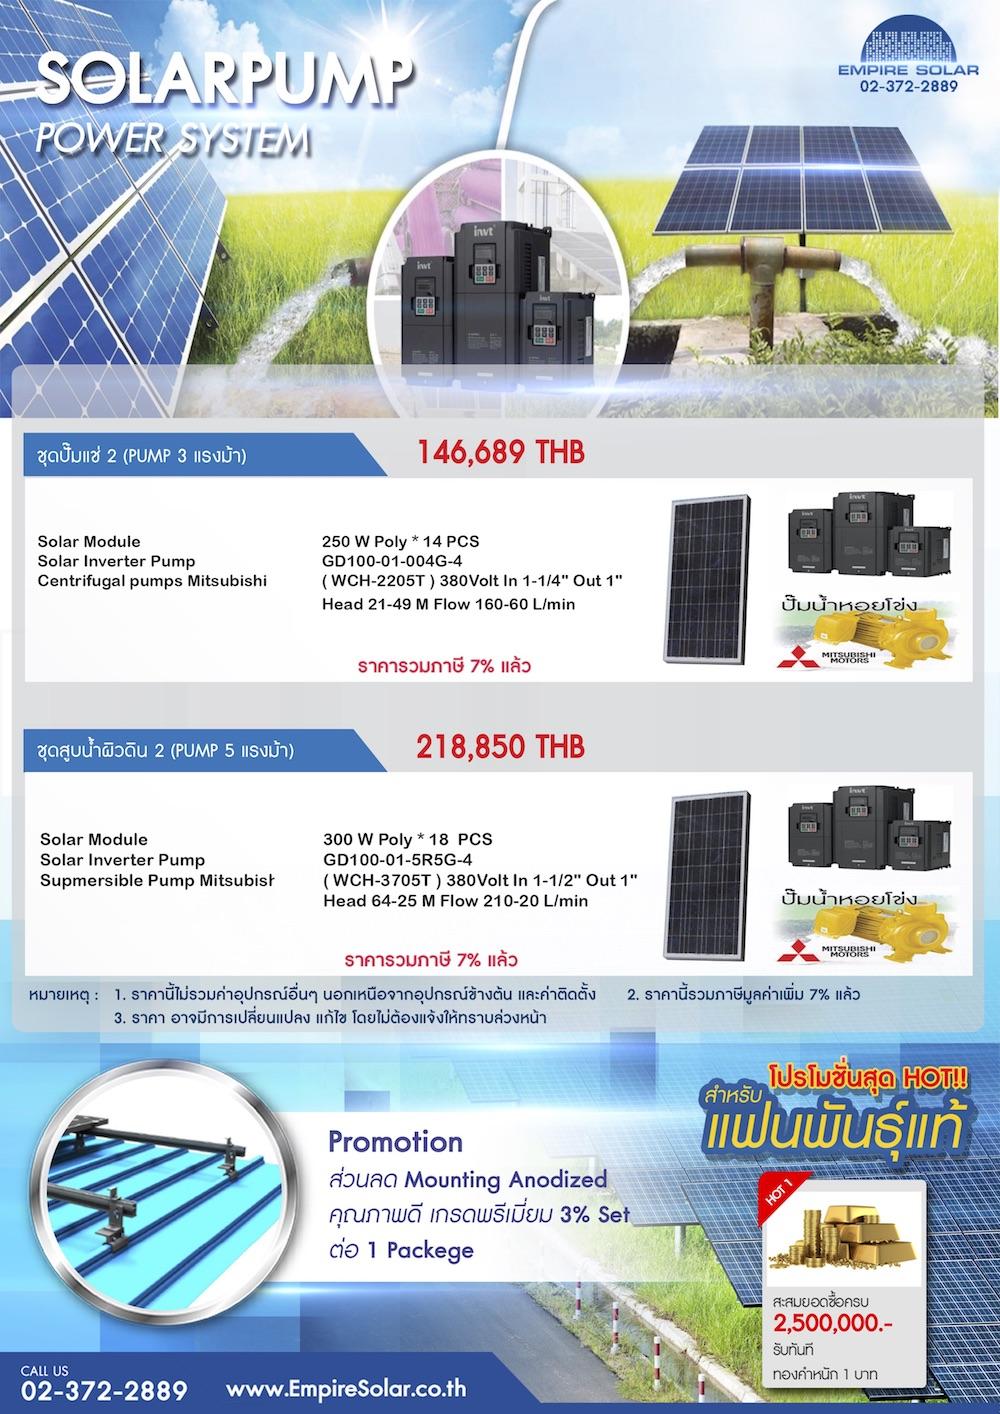 solar pump1.jpg (423 KB)